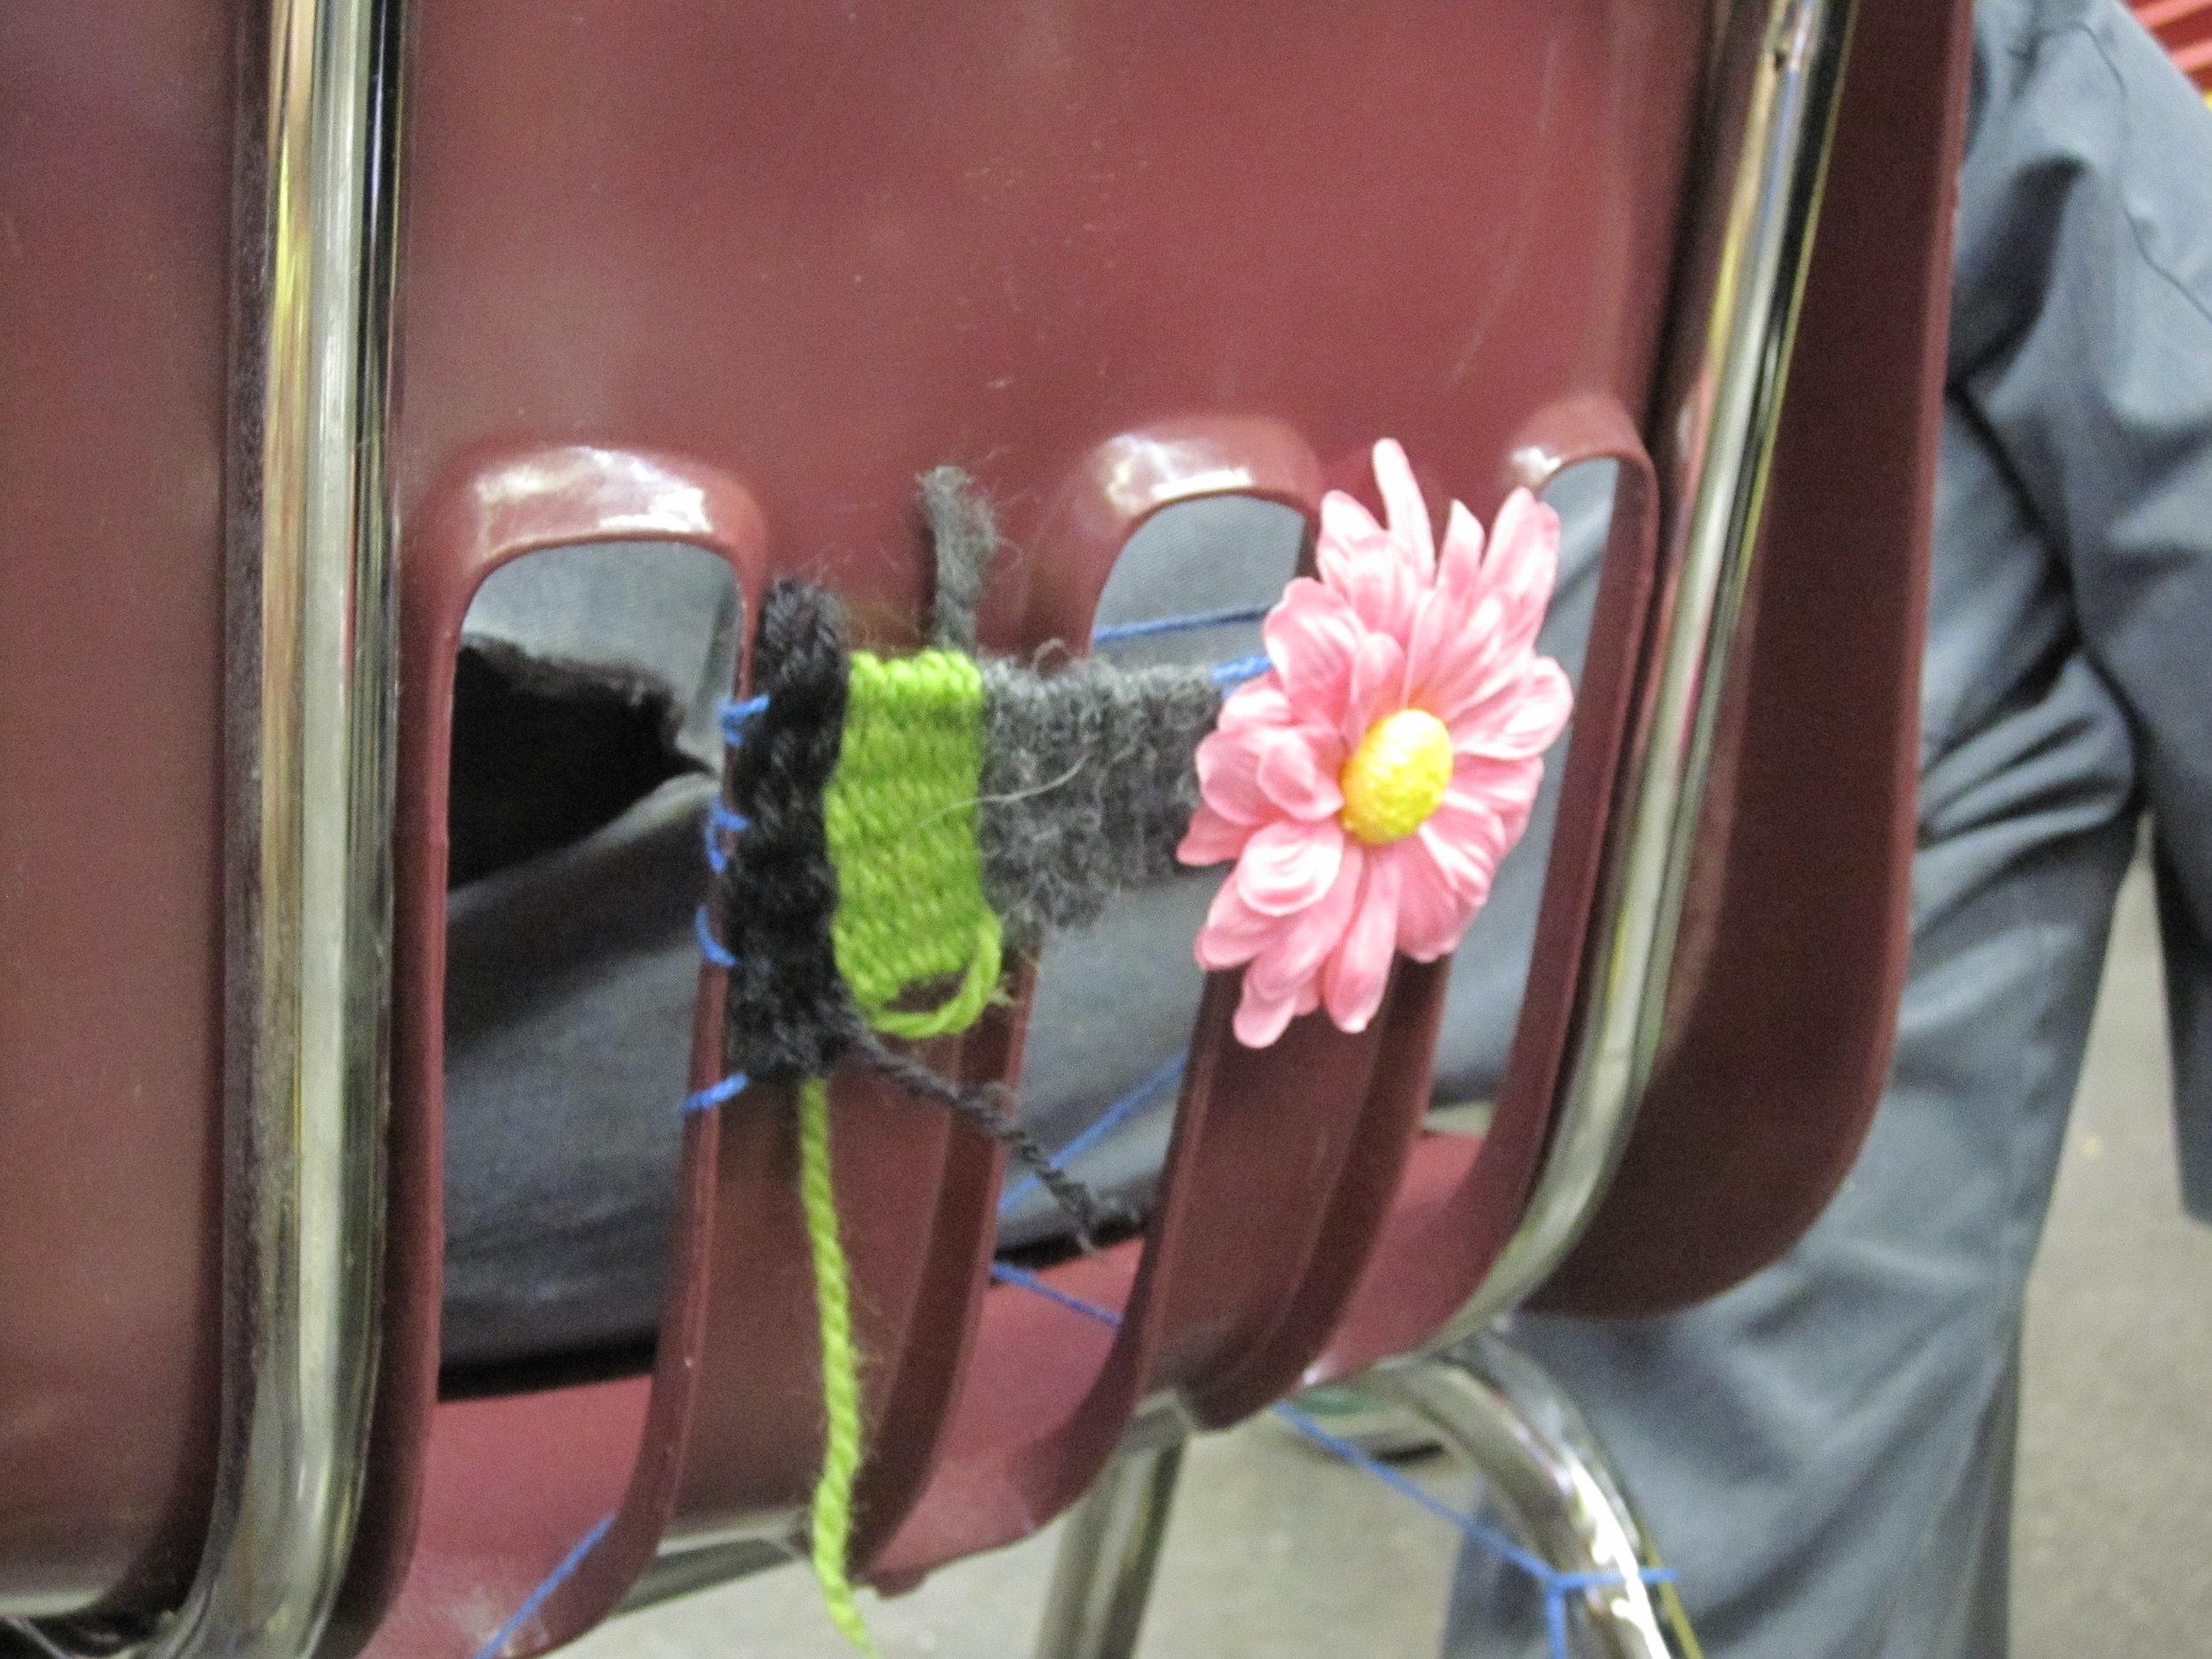 knittingmarathon10_4315177510_o.jpg